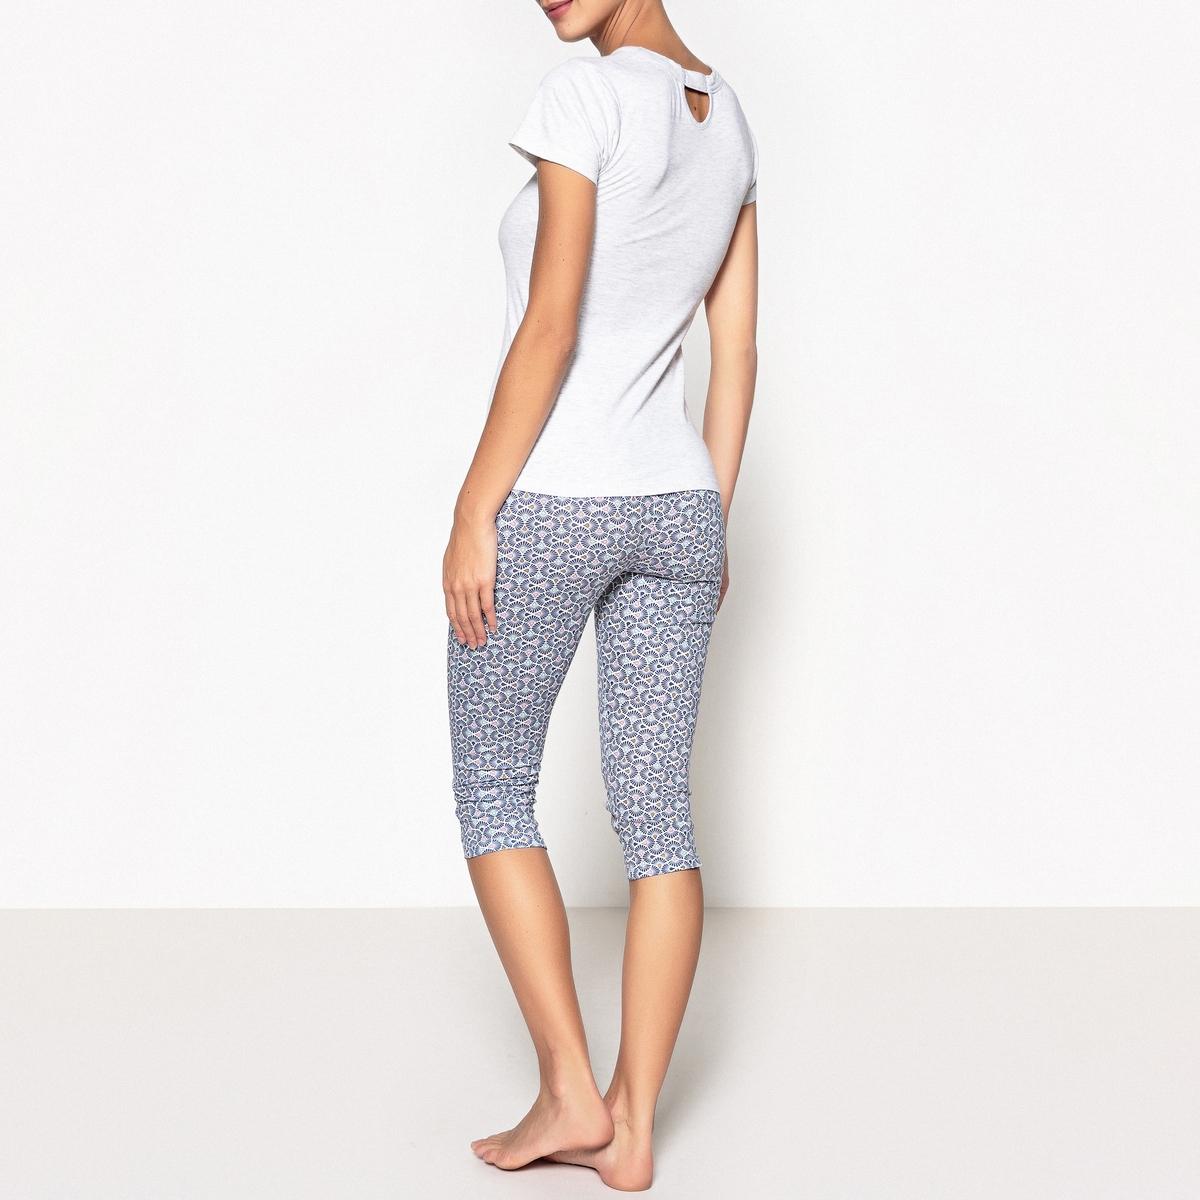 Пижама с укороченными брюками с рисунком Hechter studio